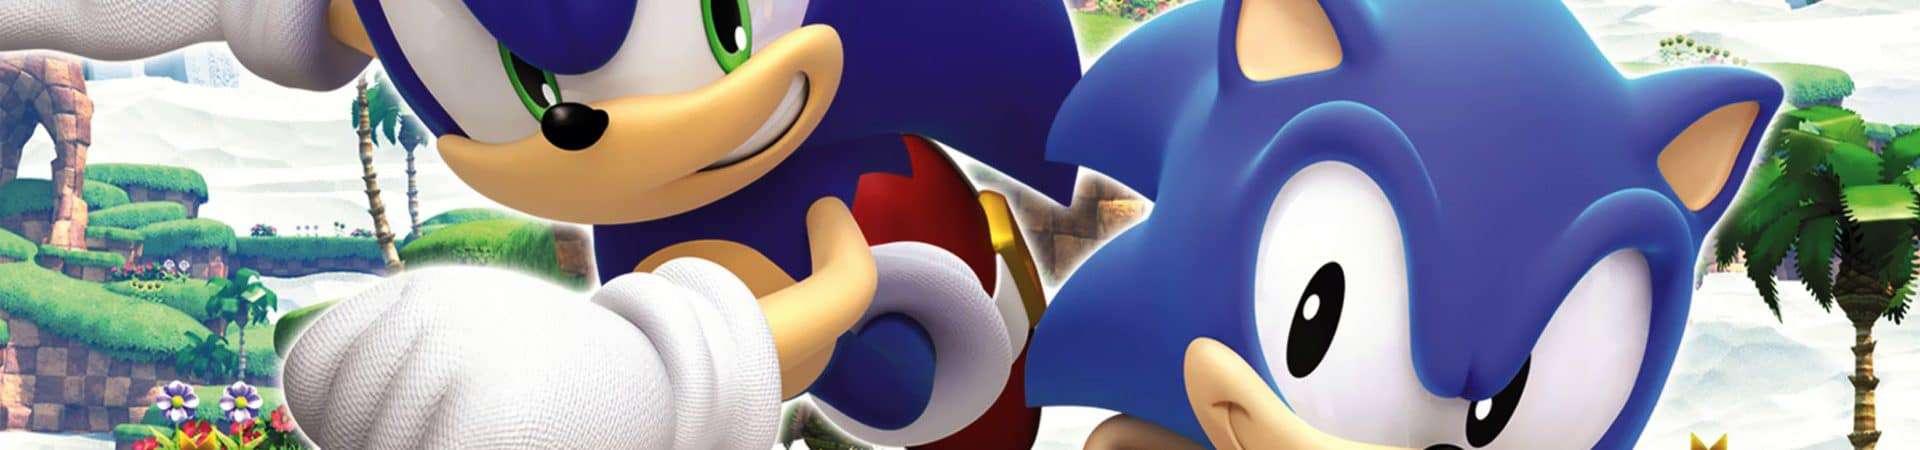 Cartaz de 'Sonic Generations' (2010). Imagem: Sega/Divulgação